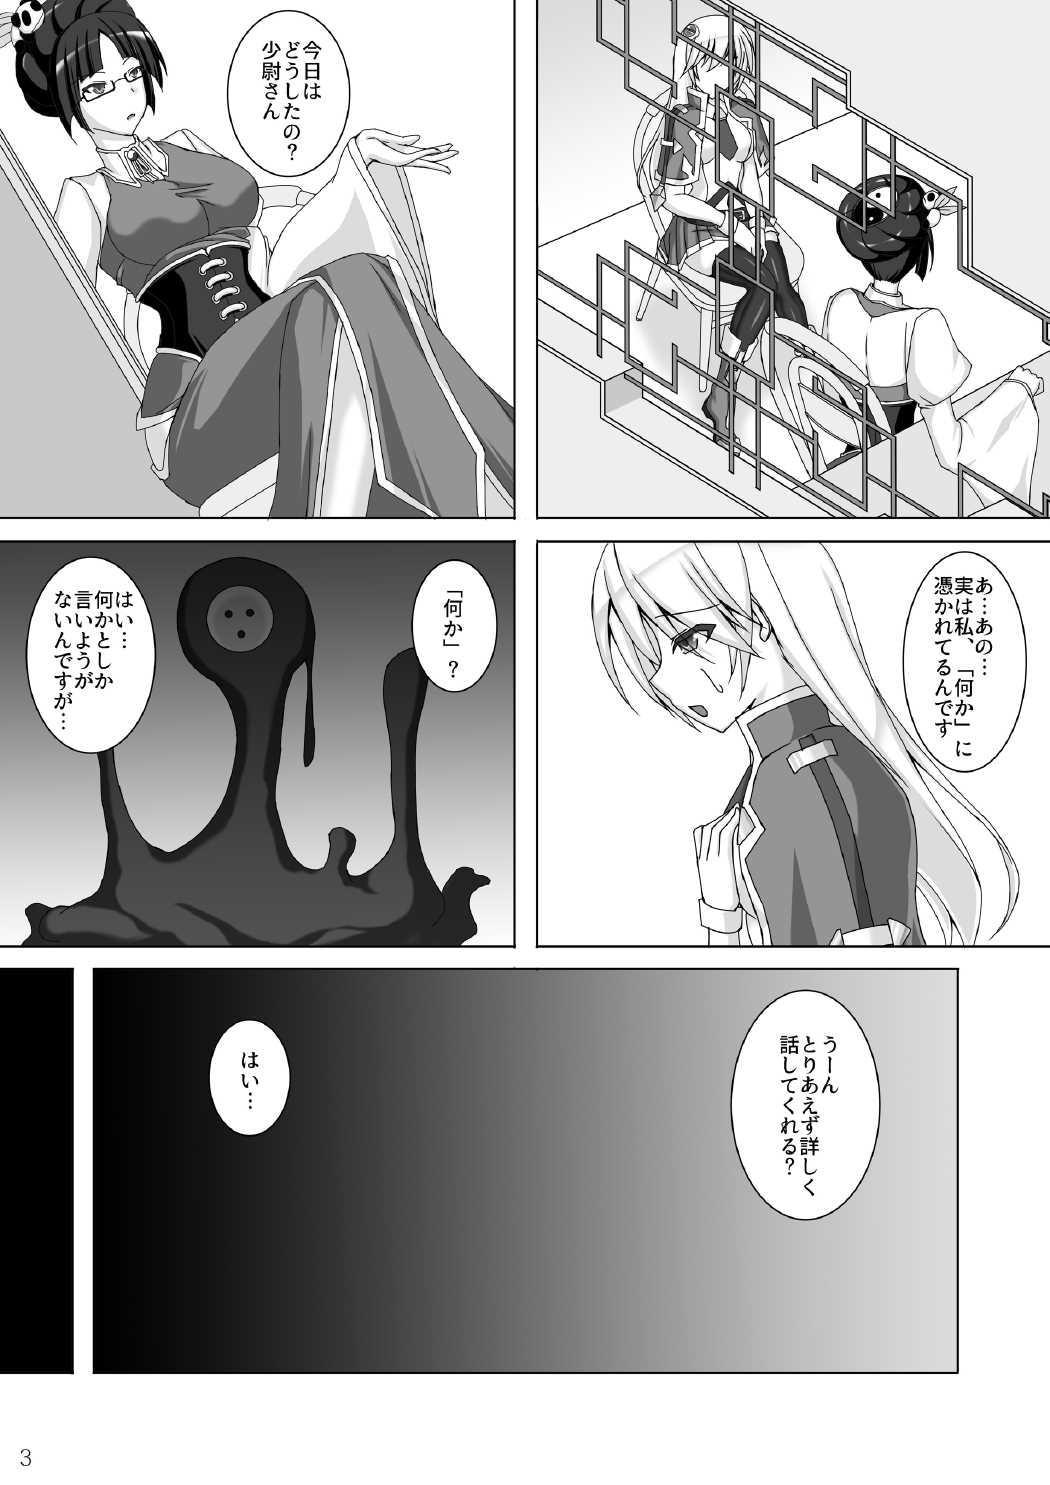 Arakune ga Kirai na Noel Nanka Imasen! Sanshiki 3